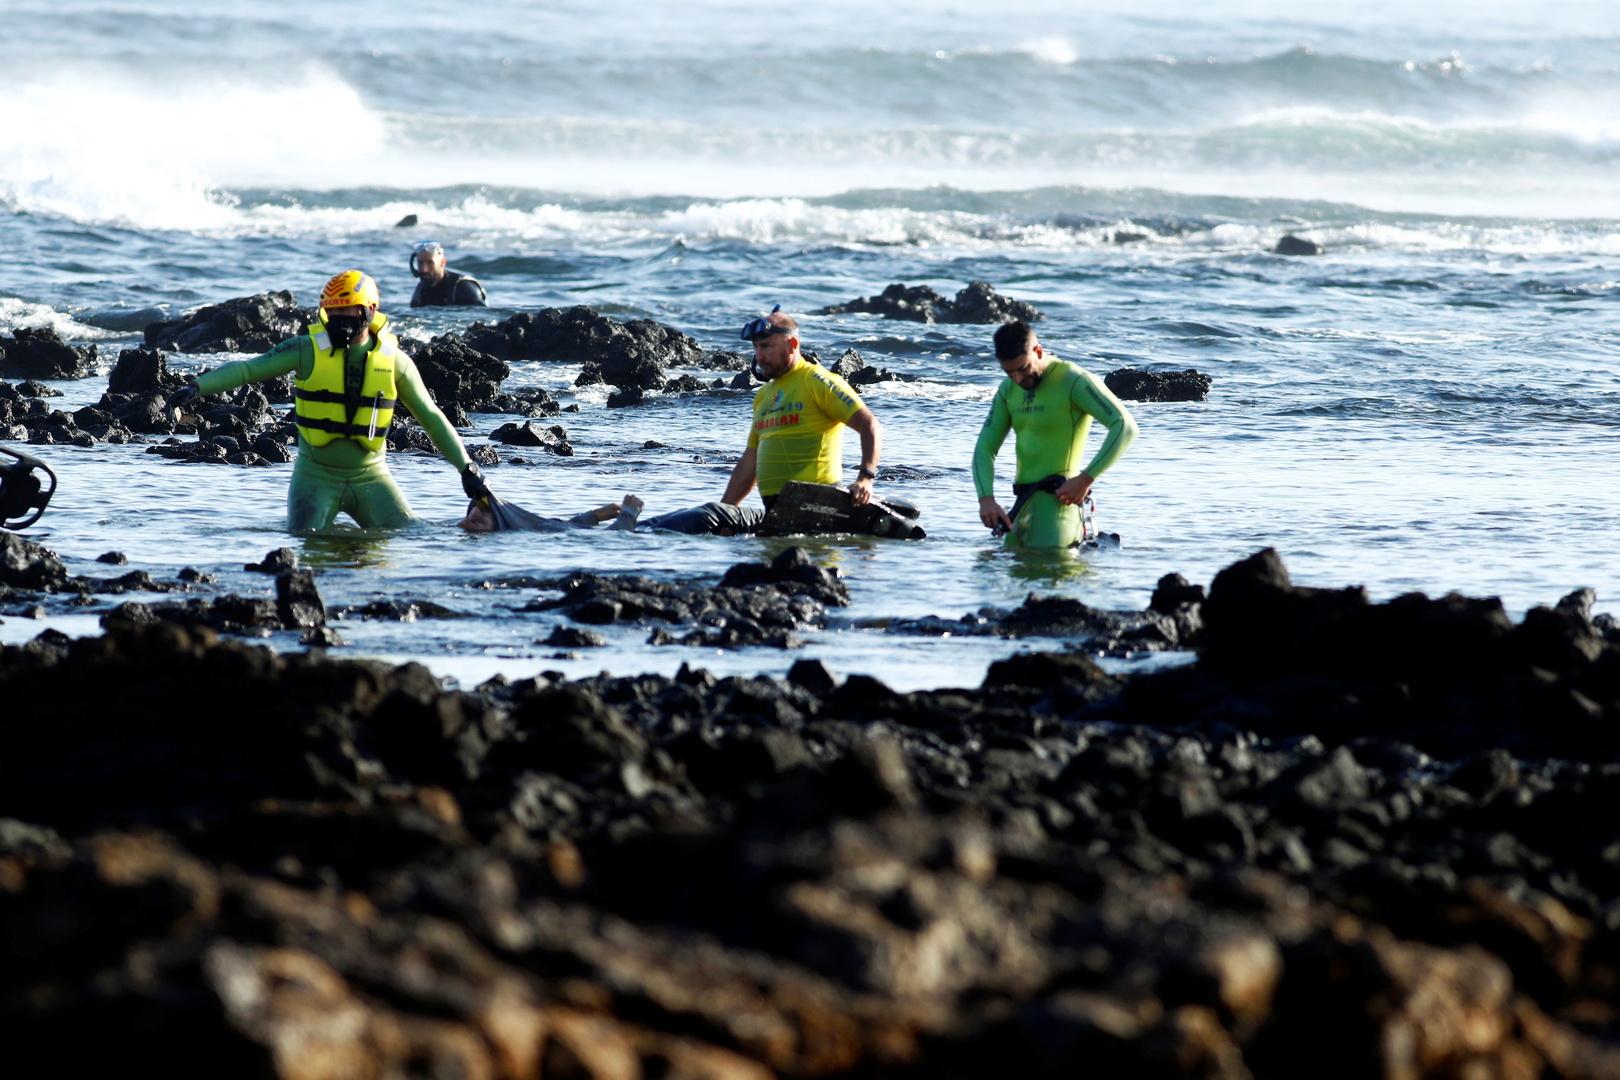 غرق المهاجرين في البحر